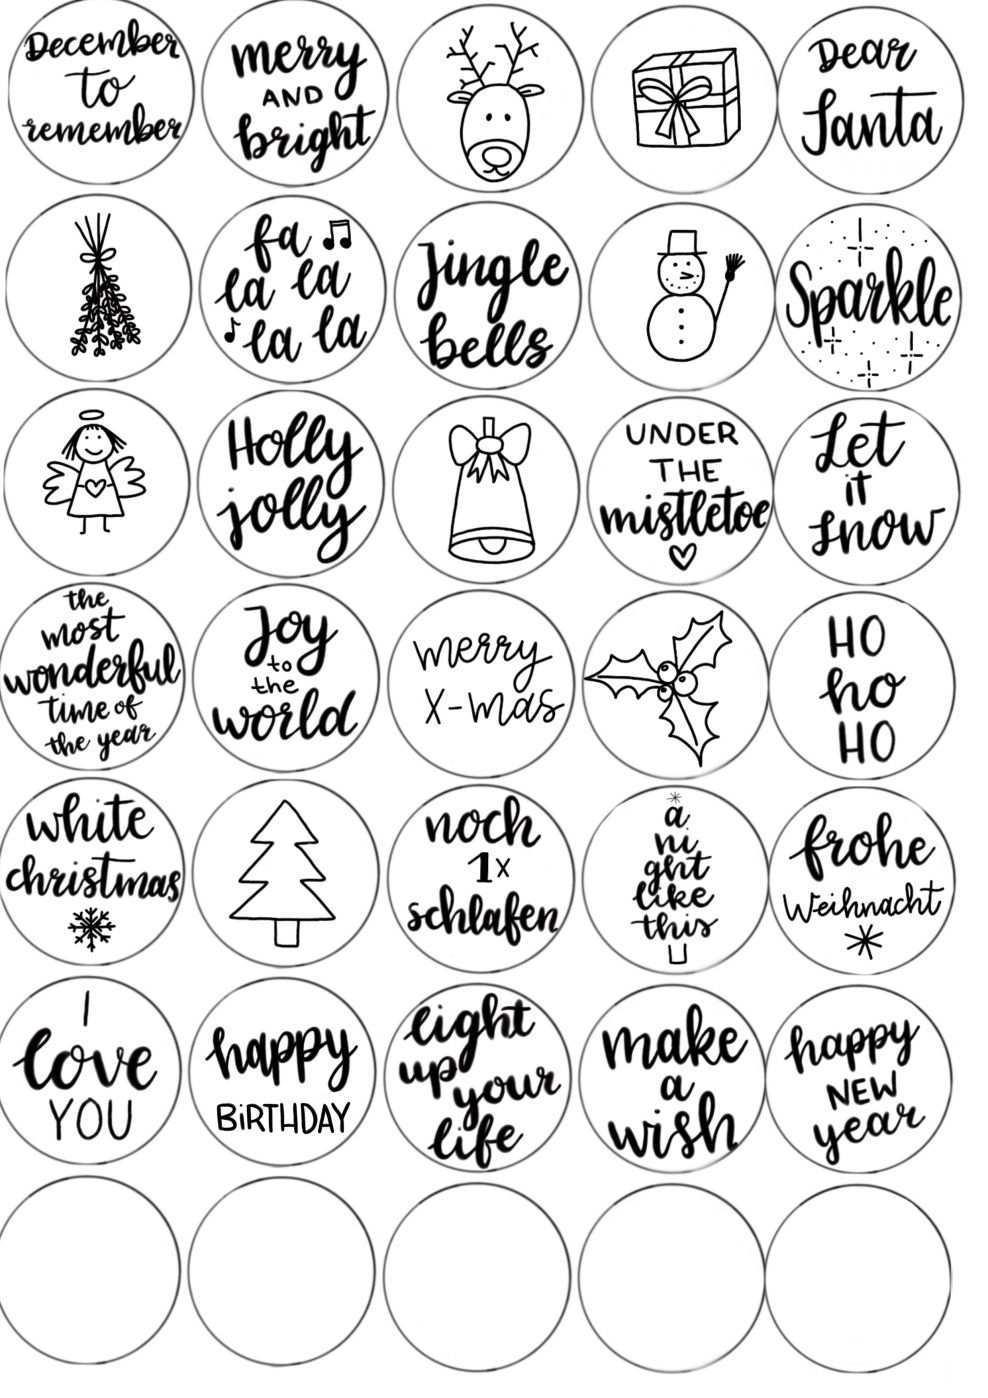 Botschaft Im Kerzenschein Mintmadchen In 2020 Kleine Geschenke Basteln Weihnachten Basteln Weihnachten Weihnachtgeschenke Basteln